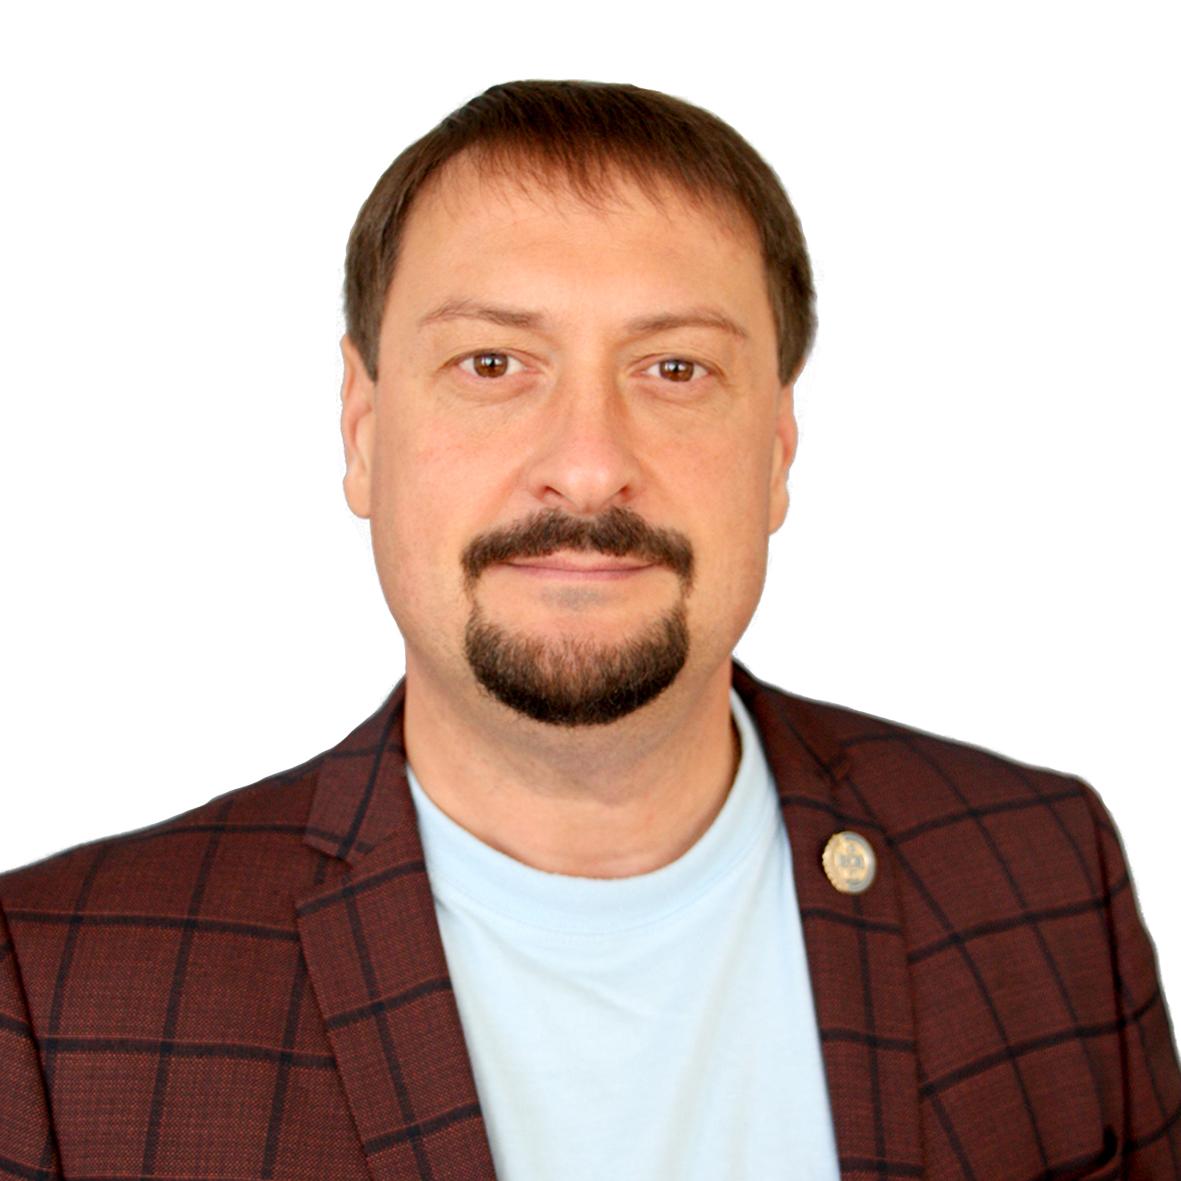 Сергей Иванов, ЦеСИС sq